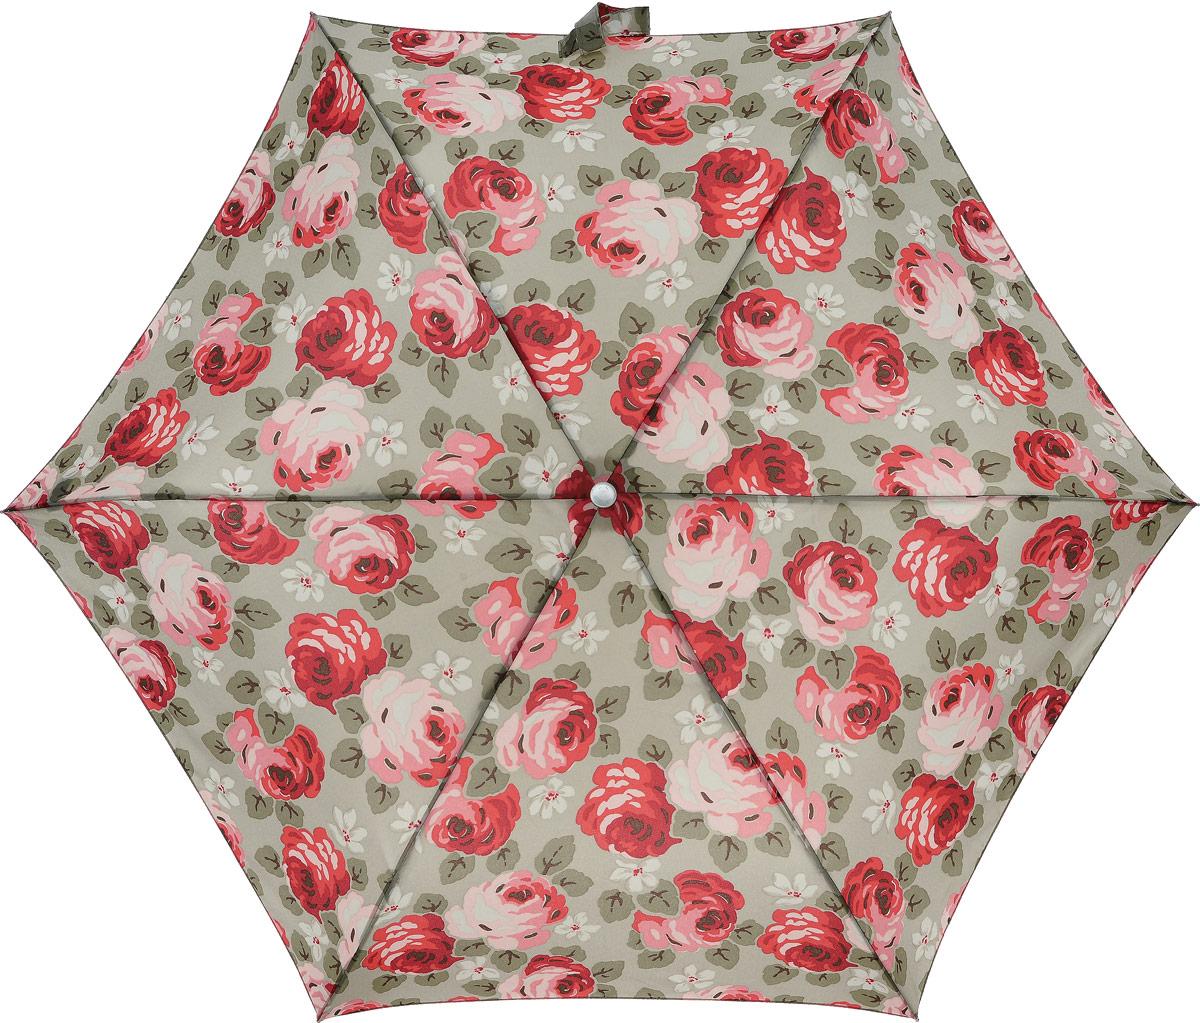 Зонт женский Cath Kidston Minilite, механический, 3 сложения, цвет: бежевый, мультиколор. L768-2743L768-2743 AubreyRoseStoneСтильный механический зонт Cath Kidston Minilite в 3 сложения даже в ненастную погоду позволит вам оставаться элегантной. Облегченный каркас зонта выполнен из 8 спиц из фибергласса и алюминия, стержень также изготовлен из алюминия, удобная рукоятка - из пластика. Купол зонта выполнен из прочного полиэстера. В закрытом виде застегивается хлястиком на липучке. Яркий оригинальный цветочный принт поднимет настроение в дождливый день. Зонт механического сложения: купол открывается и закрывается вручную до характерного щелчка. На рукоятке для удобства есть небольшой шнурок, позволяющий надеть зонт на руку тогда, когда это будет необходимо. К зонту прилагается чехол с небольшой нашивкой с названием бренда. Такой зонт компактно располагается в кармане, сумочке, дверке автомобиля.